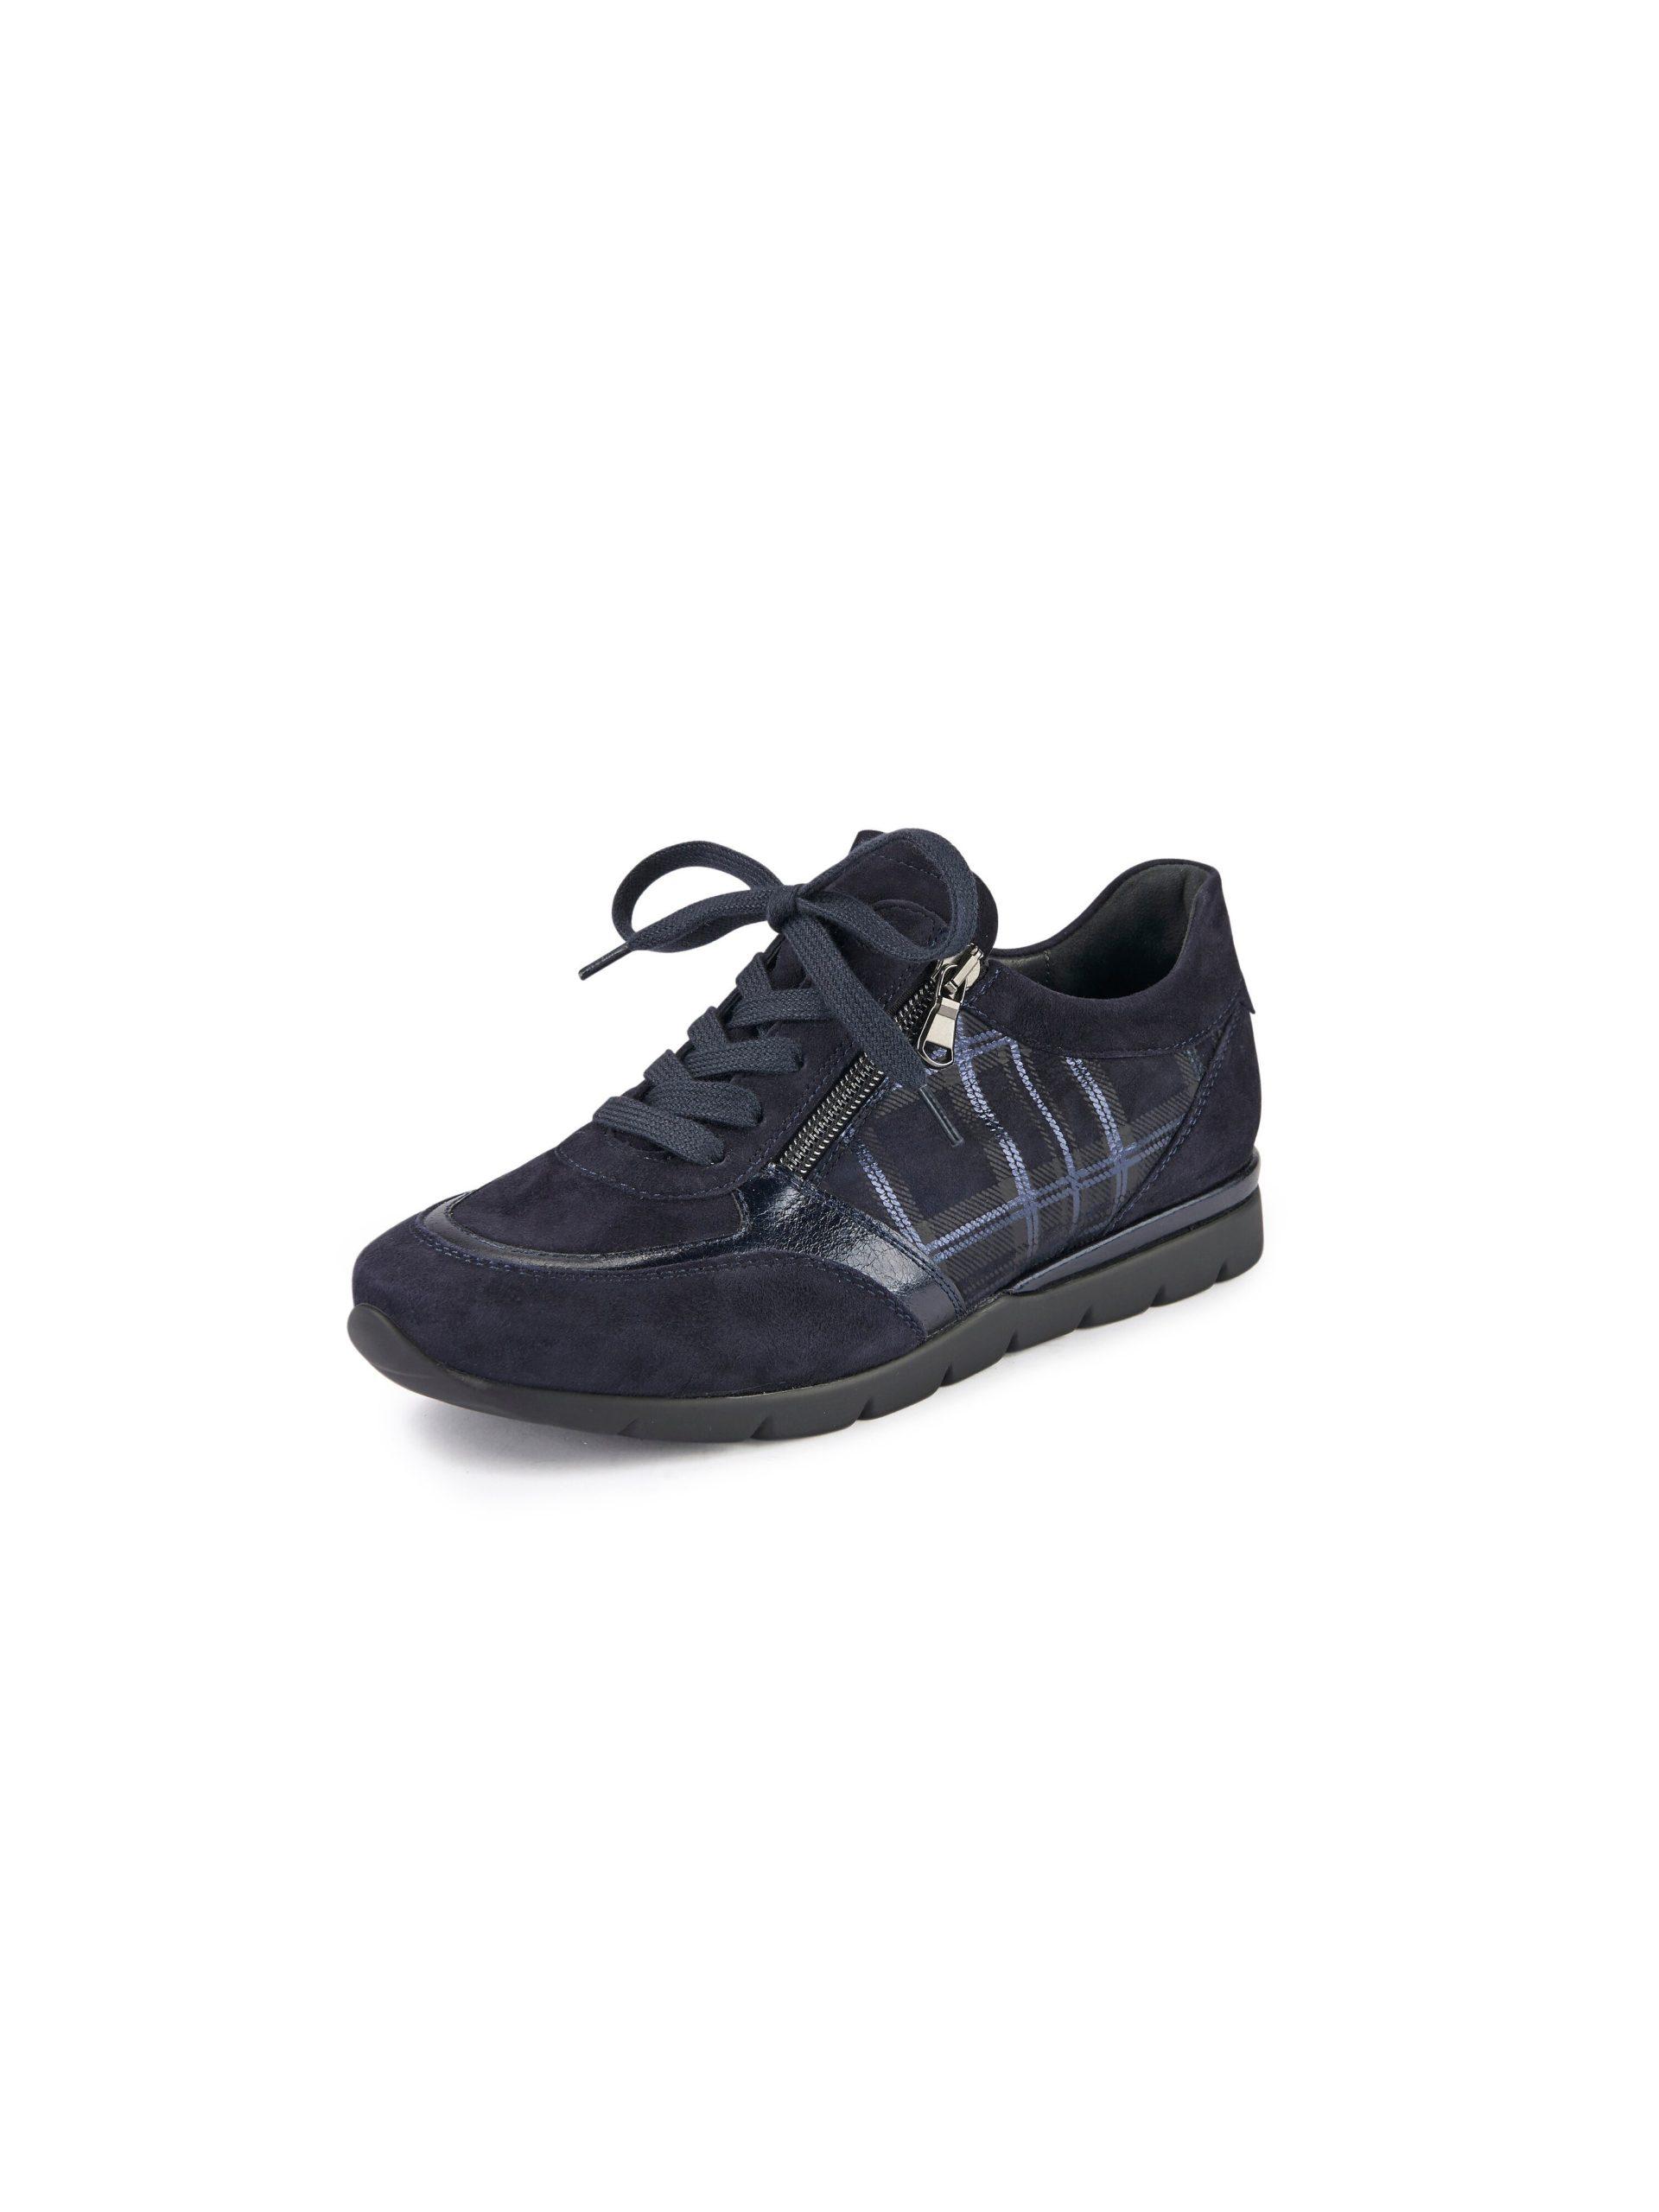 Sneakers model Nelly Van Semler blauw Kopen